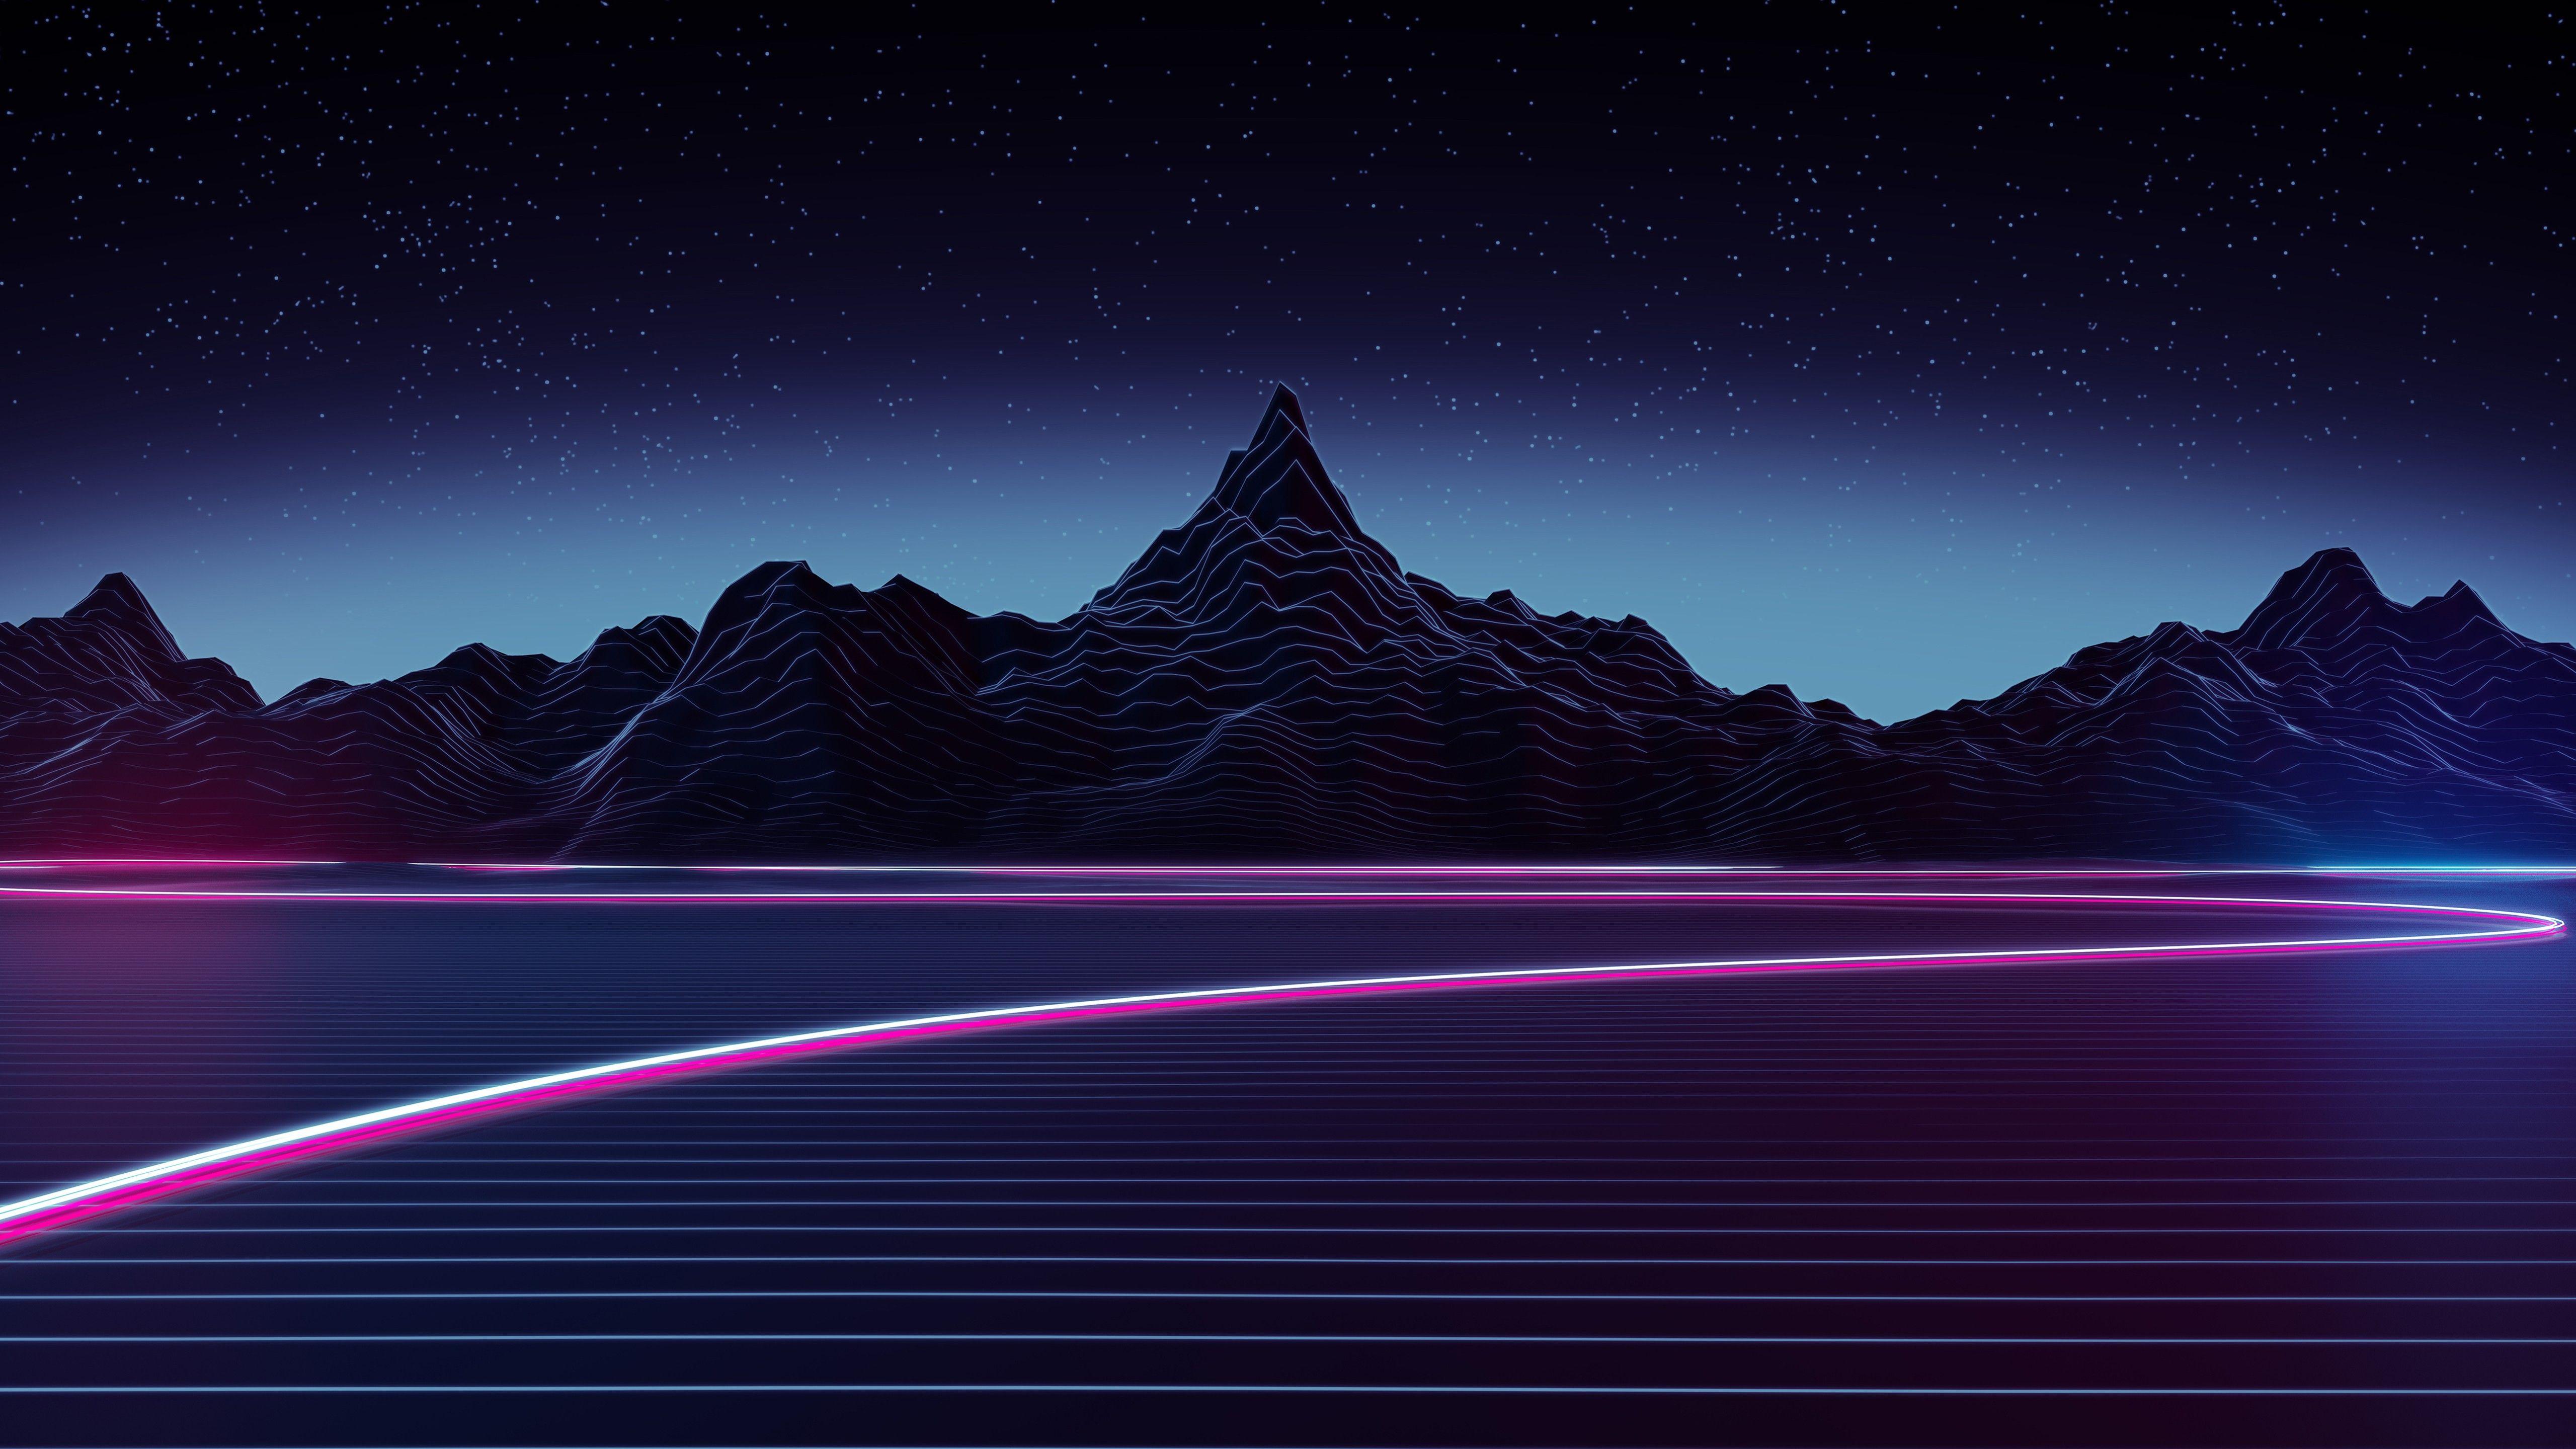 Neon Highway [5120x2880] [5K] | Top reddit wallpapers | 4k